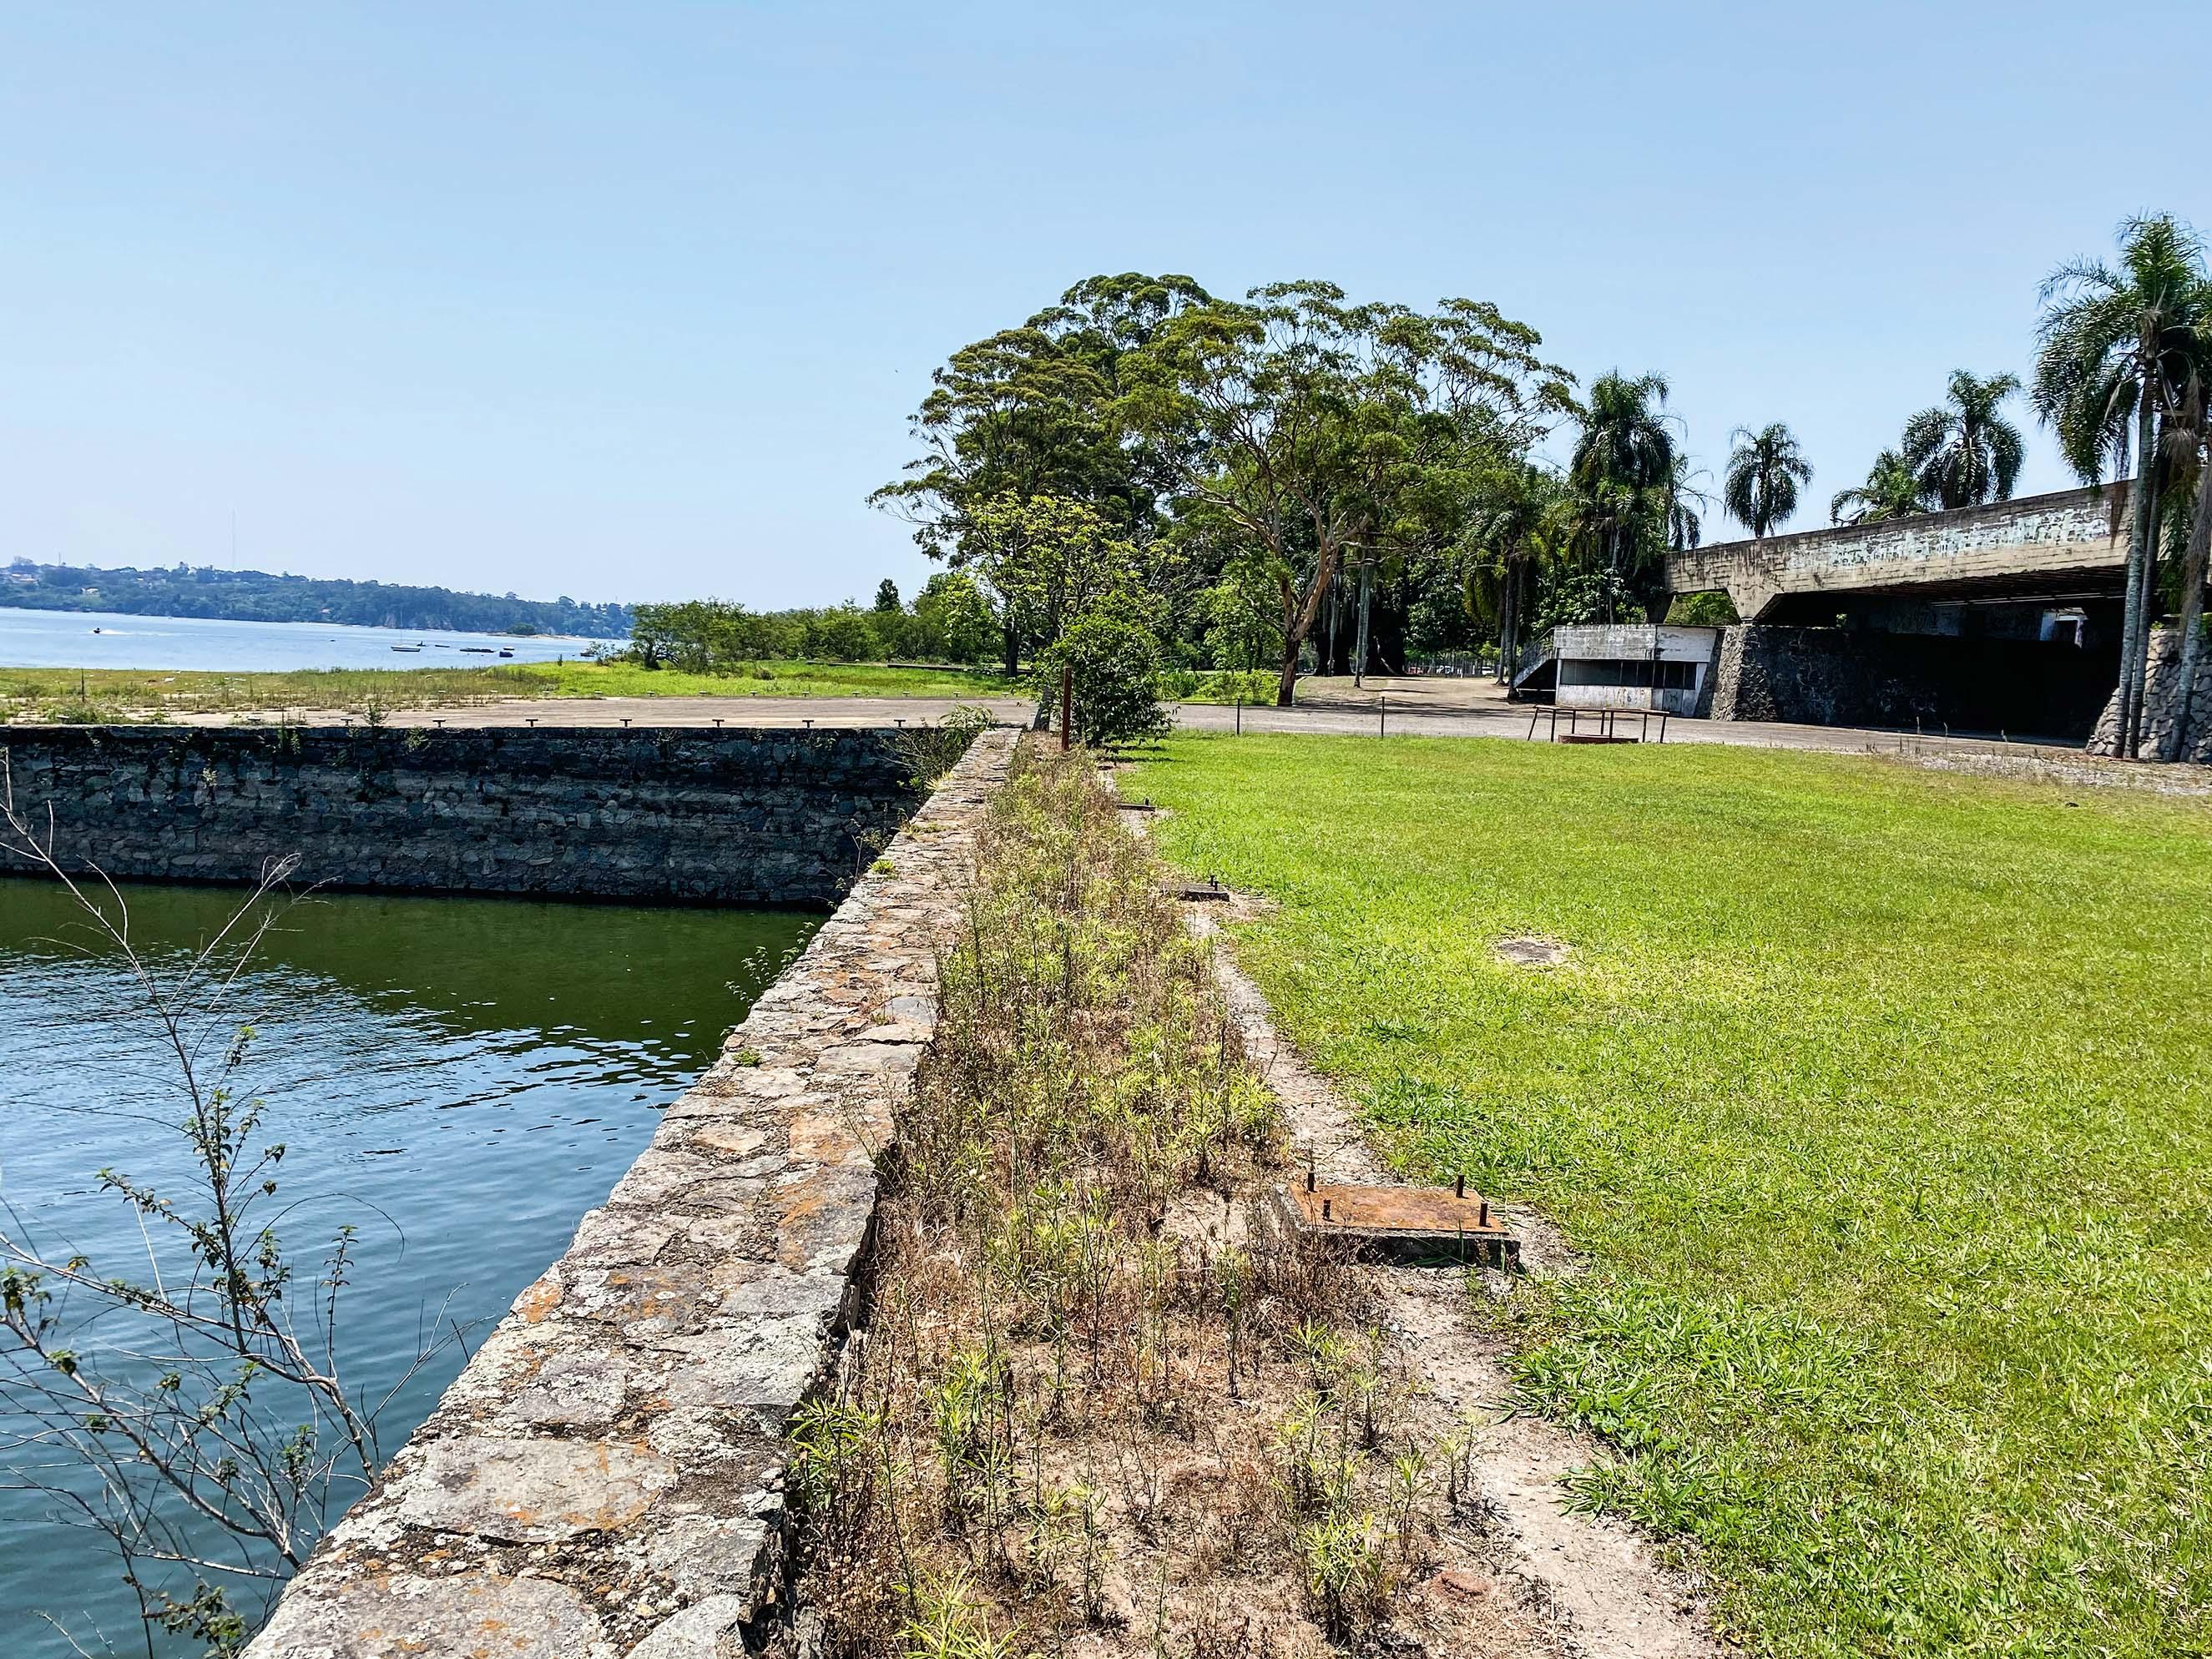 Ruínas do antigo Santapaula Iate Clube: trinta anos de abandono